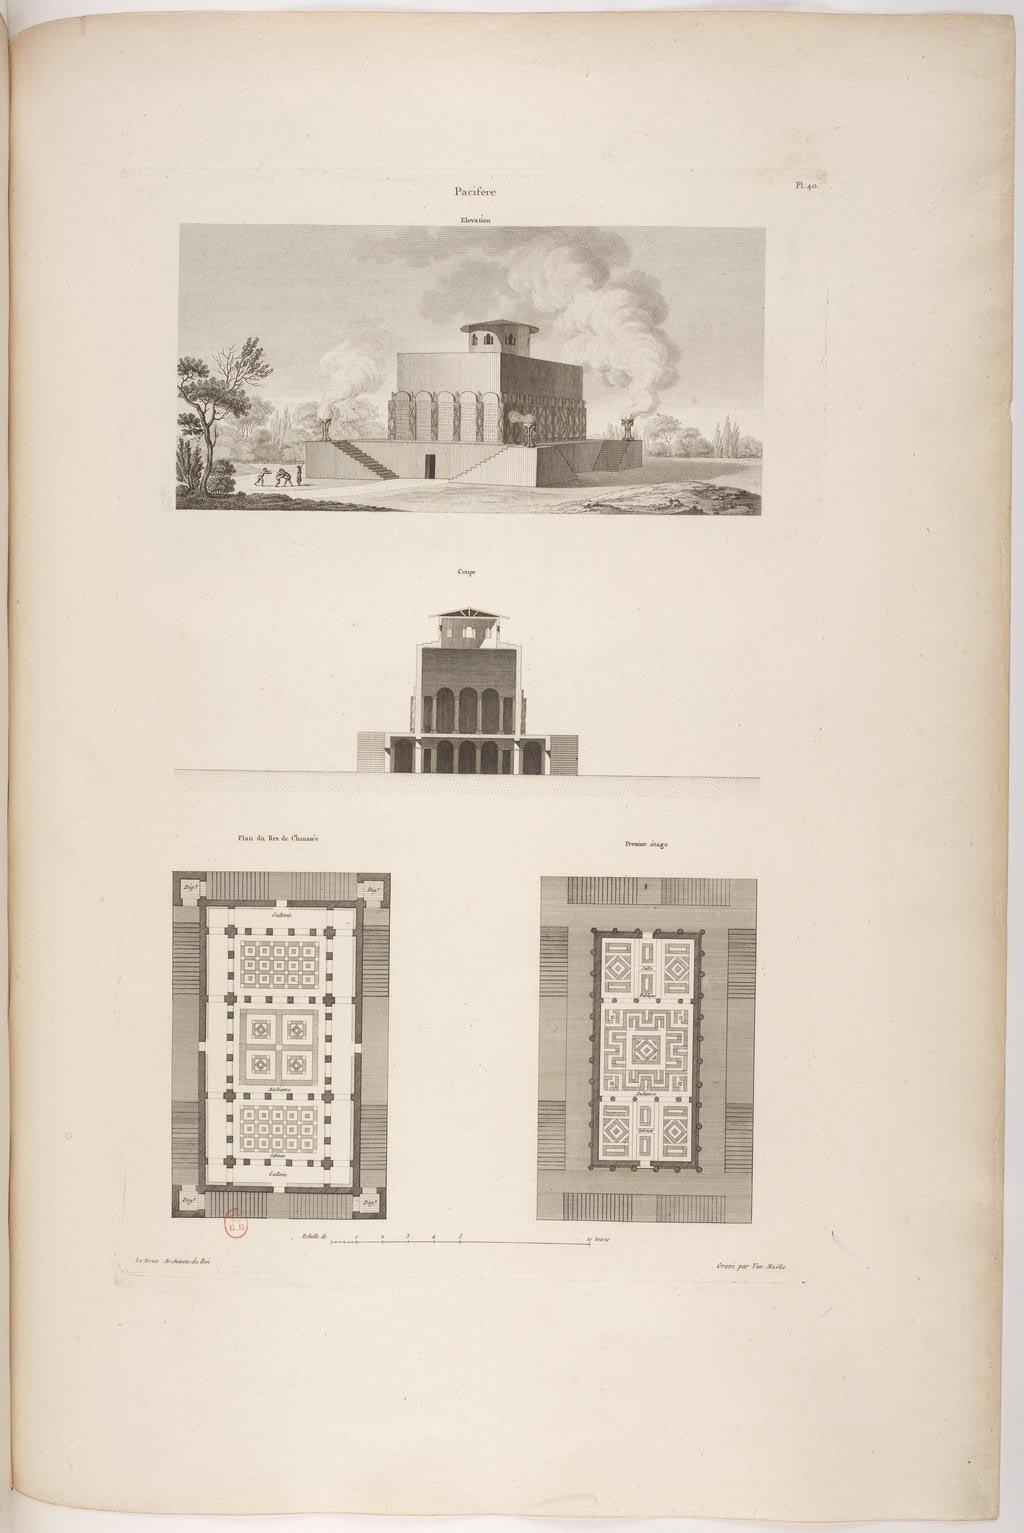 ledoux-claude-architecture-331